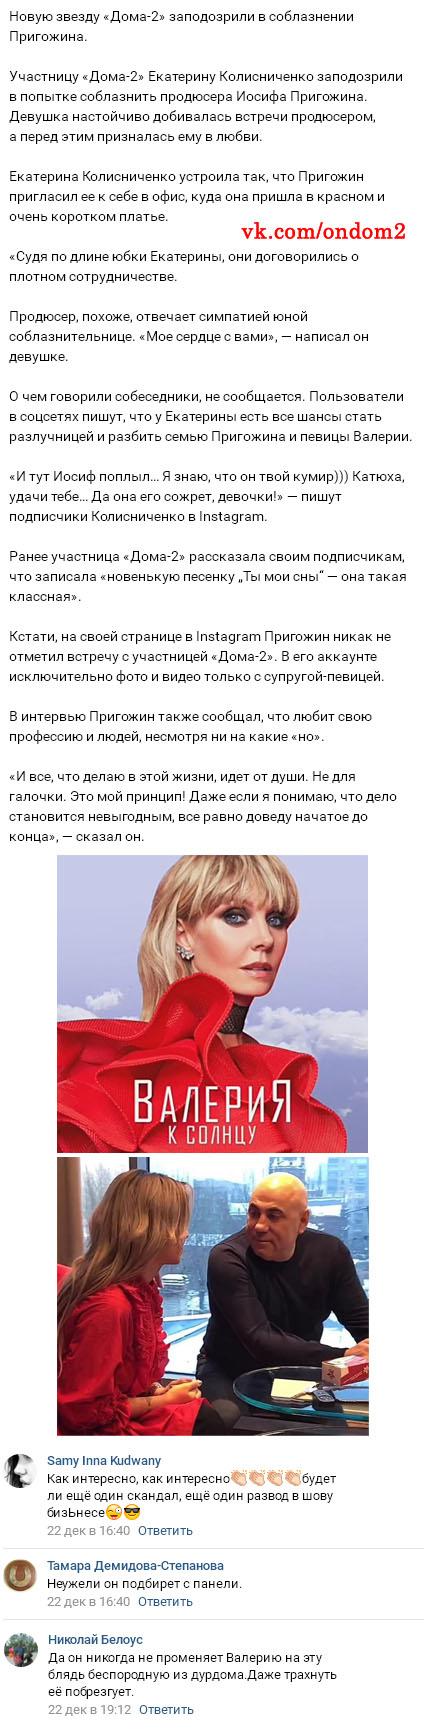 Новость про Екатерину Колисниченко вконтакте